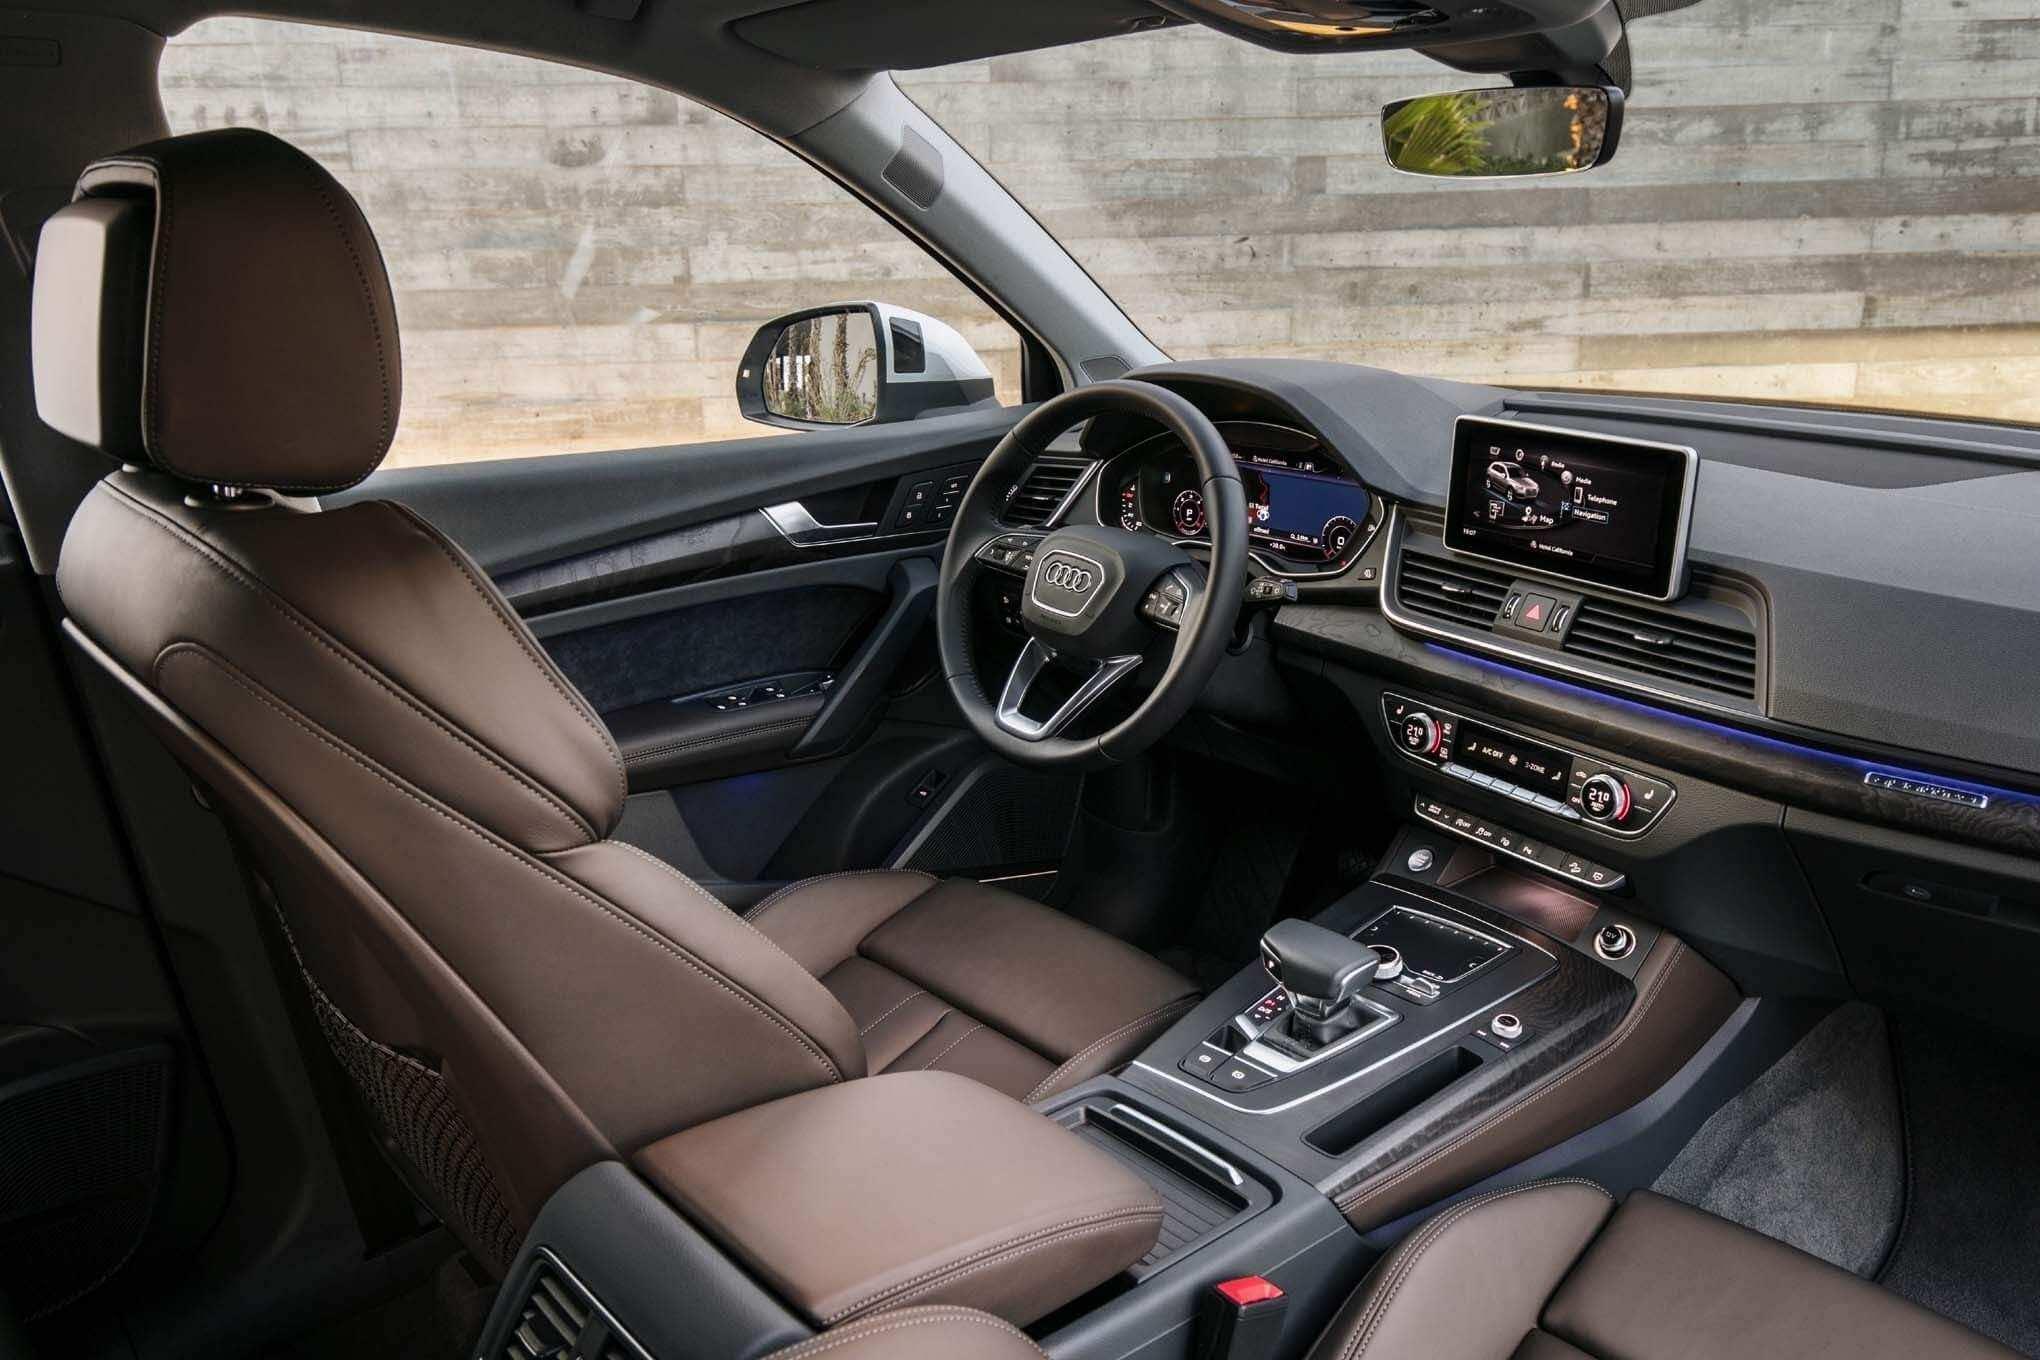 52 All New 2020 Subaru Legacy Prices by 2020 Subaru Legacy - Car